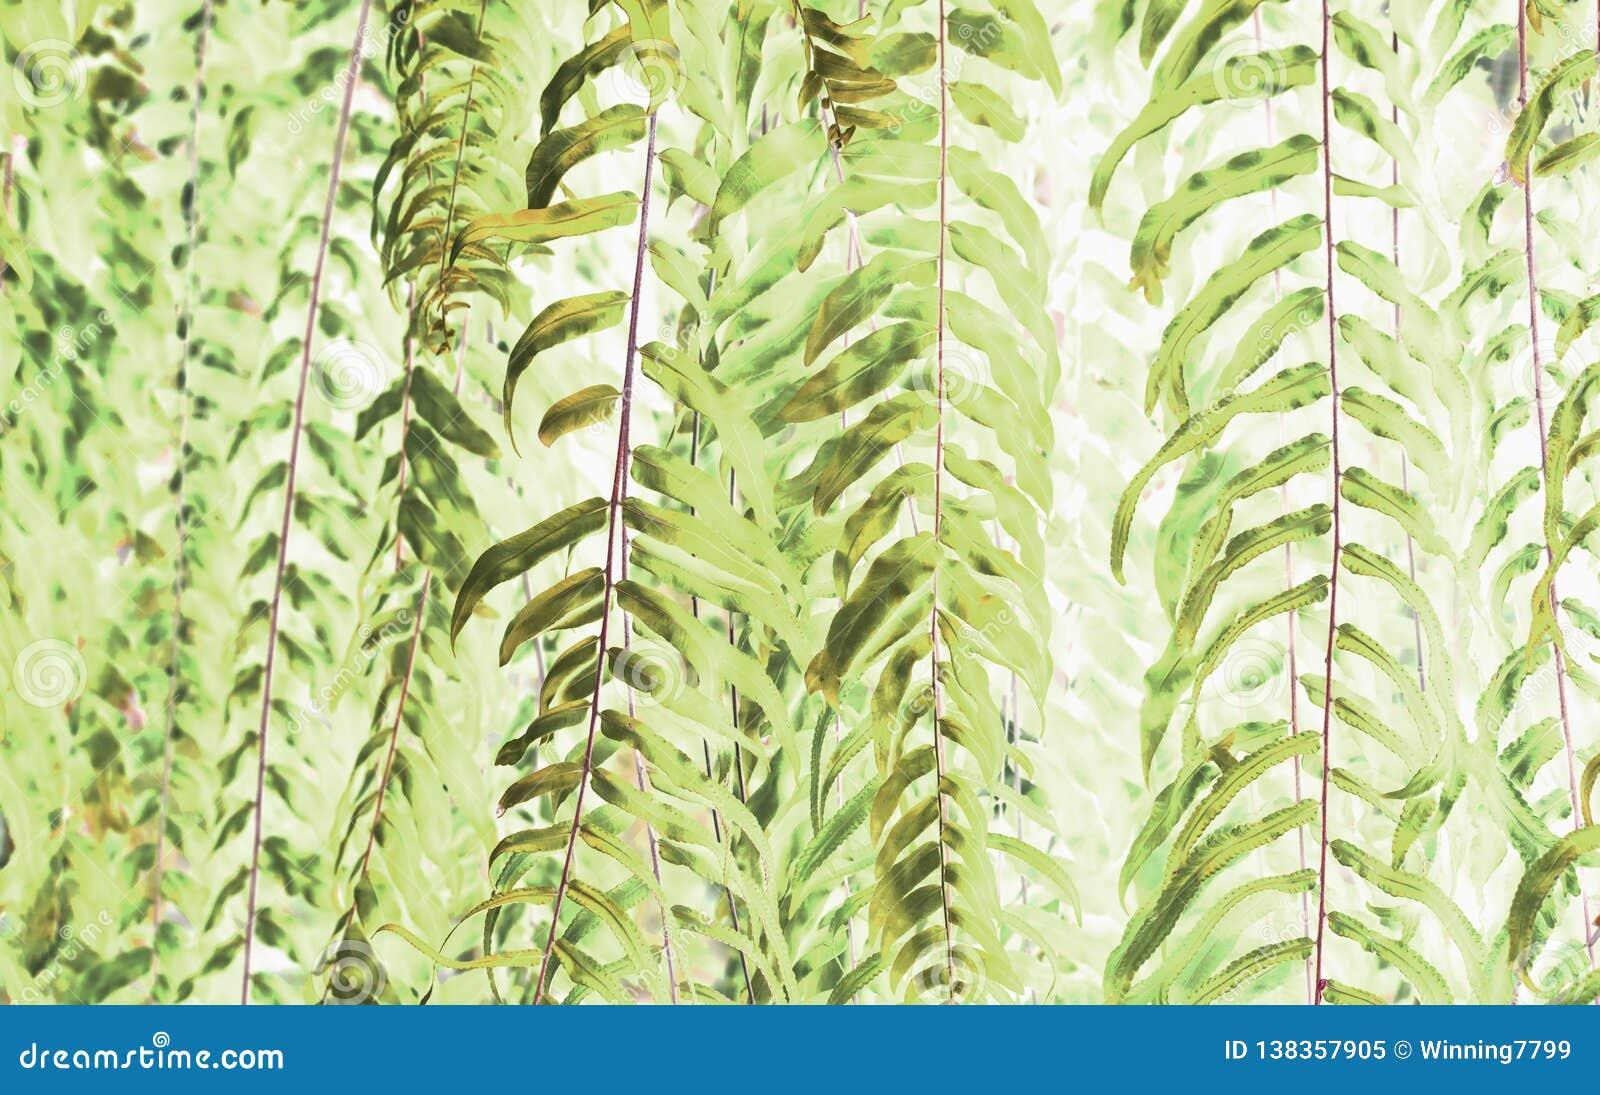 El arte del helecho verde hermoso deja el uso para la imagen abstracta